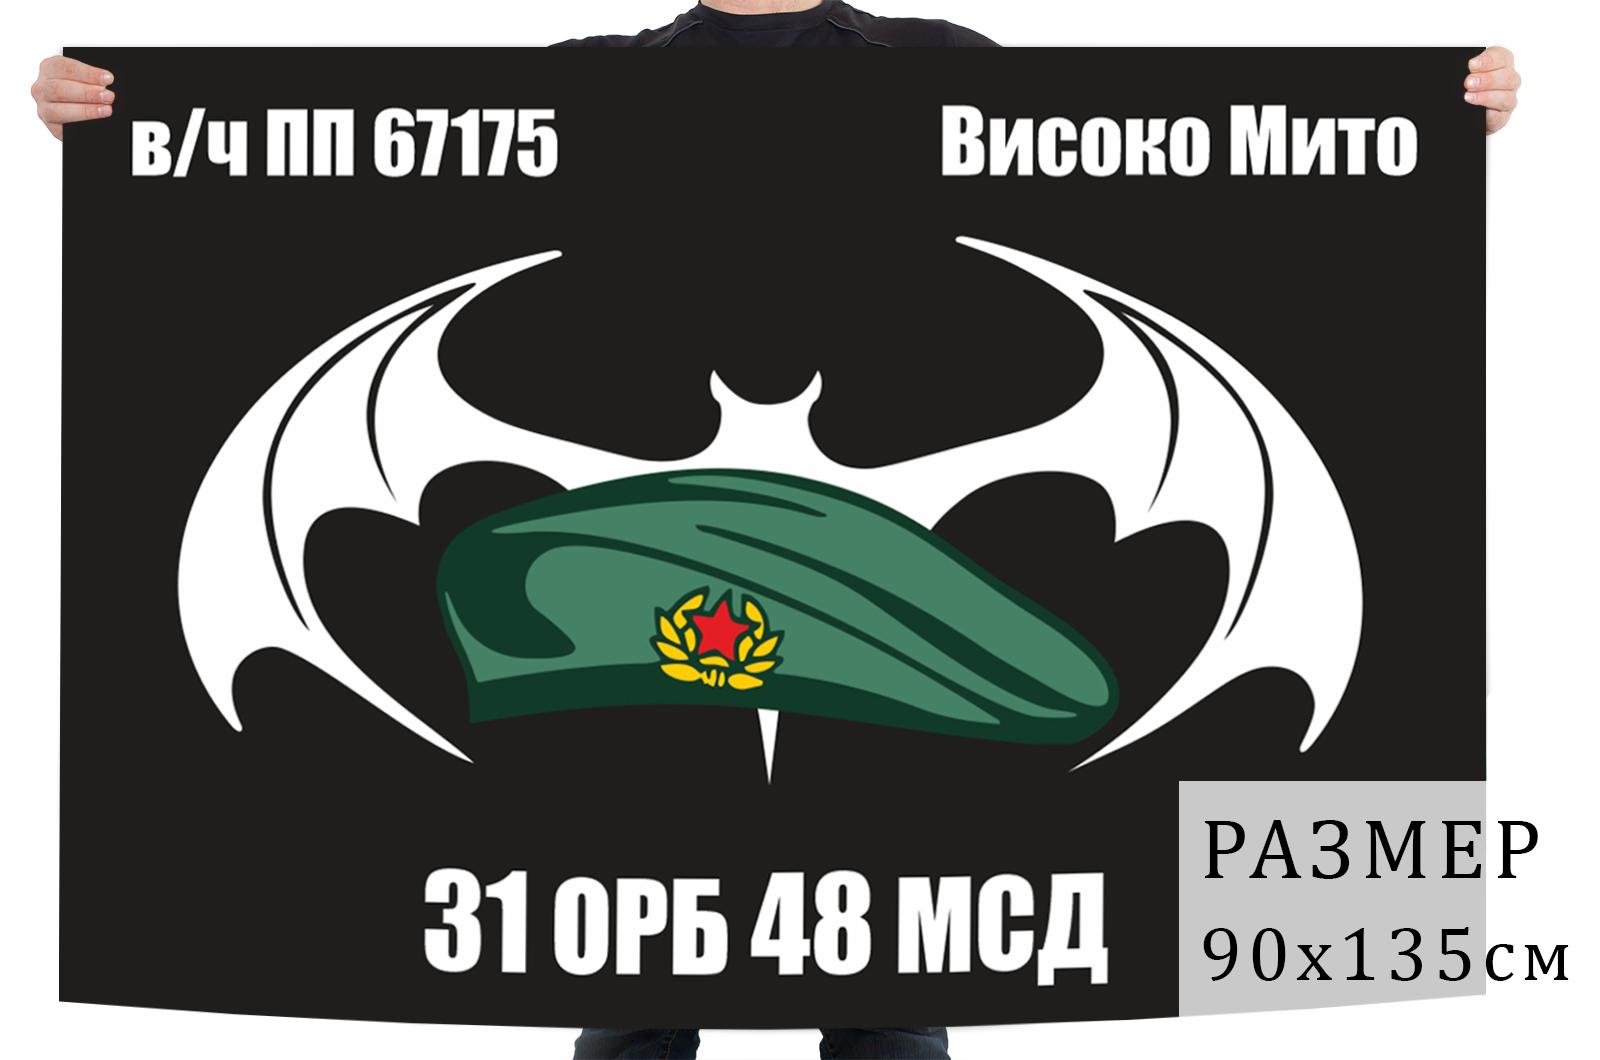 Флаг 31 отдельного разведовательного батальона 48 МСД